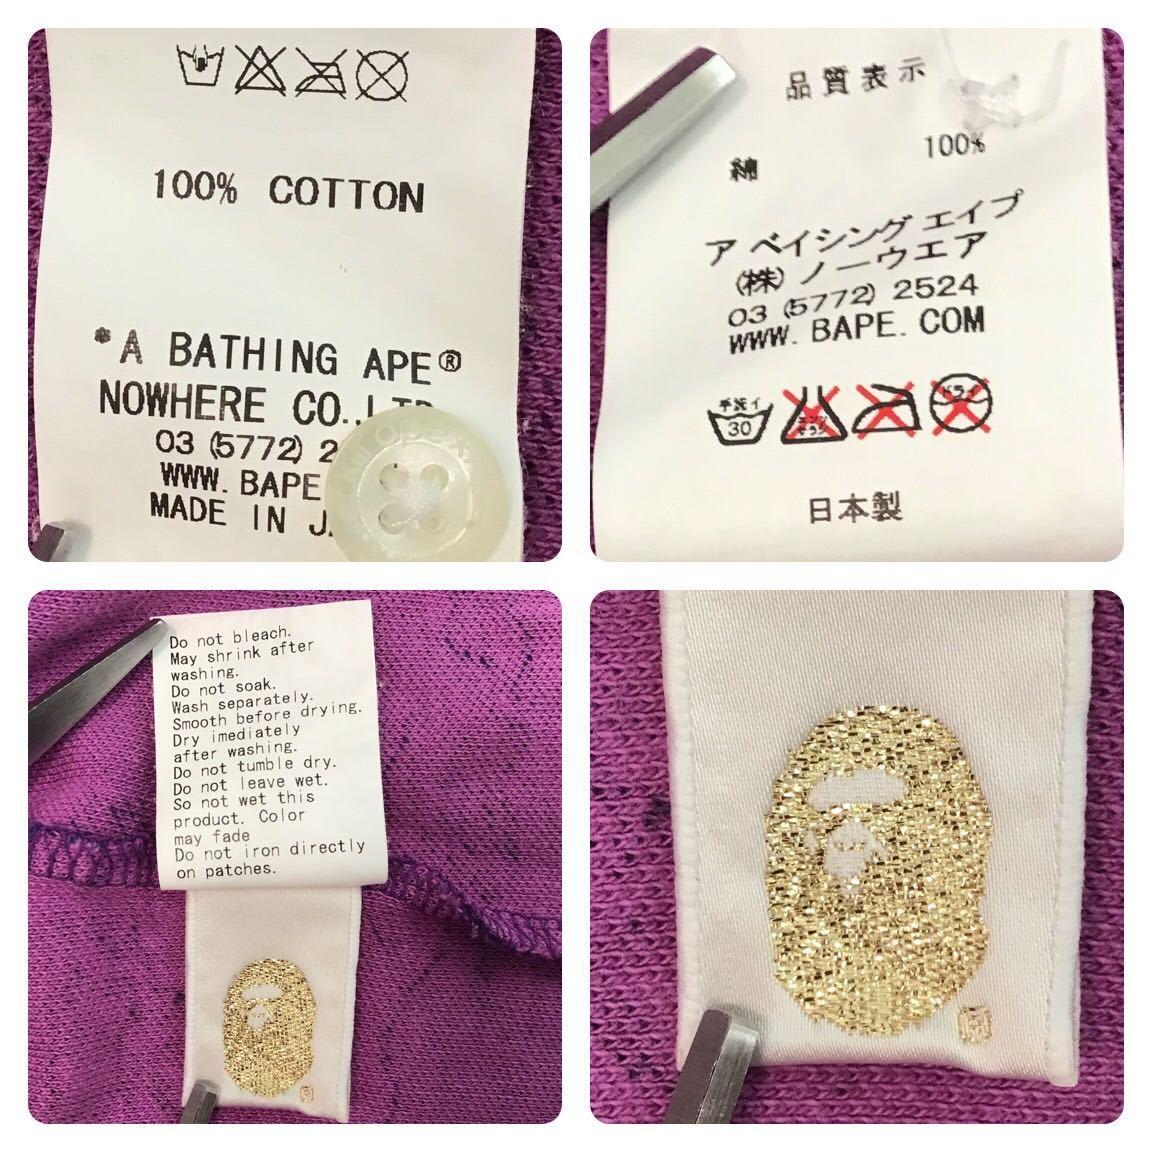 ★激レア★ fire camo ポロシャツ Mサイズ a bathing ape bape エイプ ベイプ アベイシングエイプ ファイヤーカモ 迷彩 flame purple f985